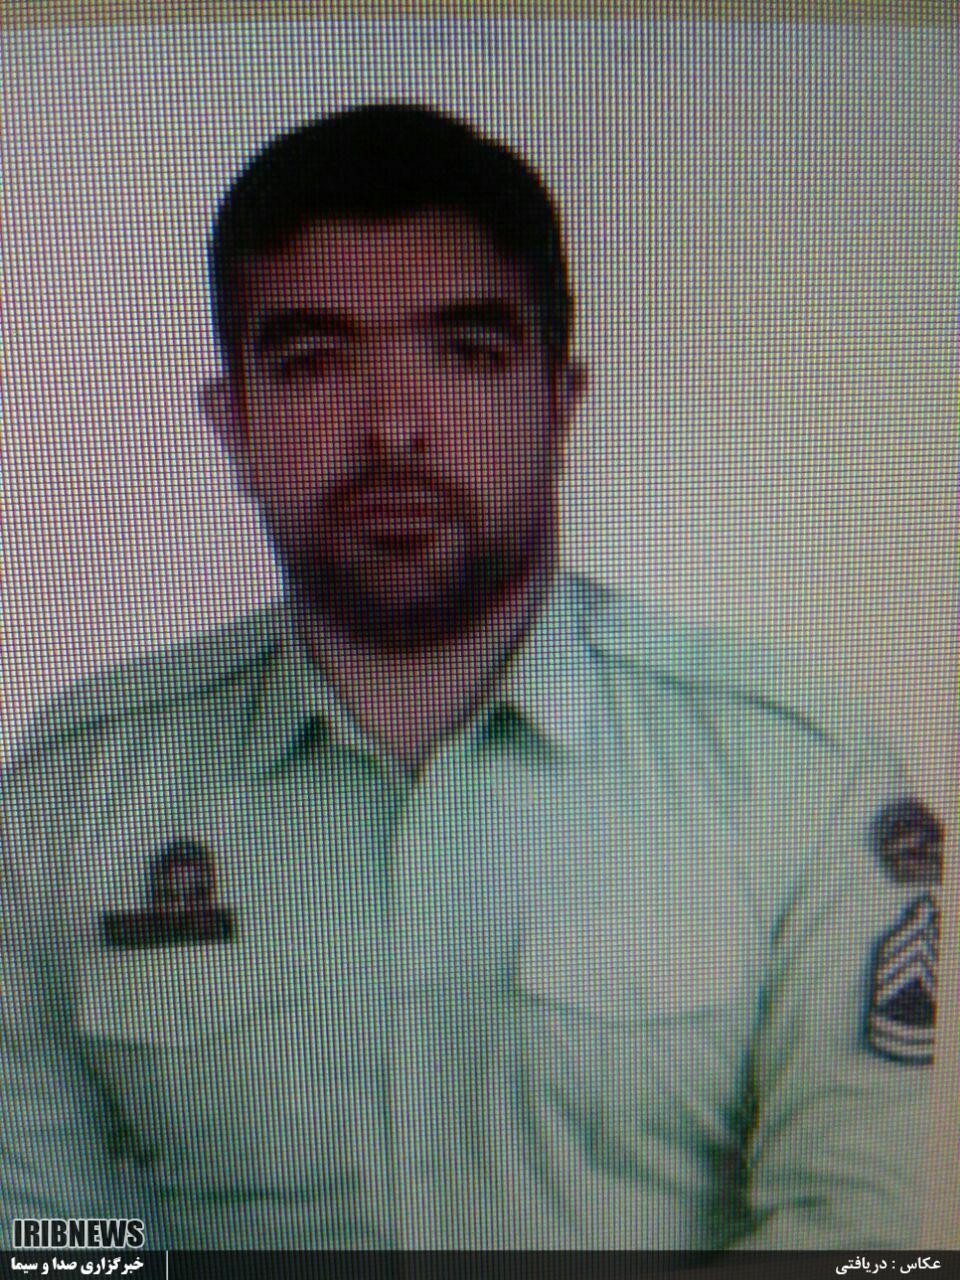 شهادت مامور پلیس انتظامی در درگیری با شرور مسلح